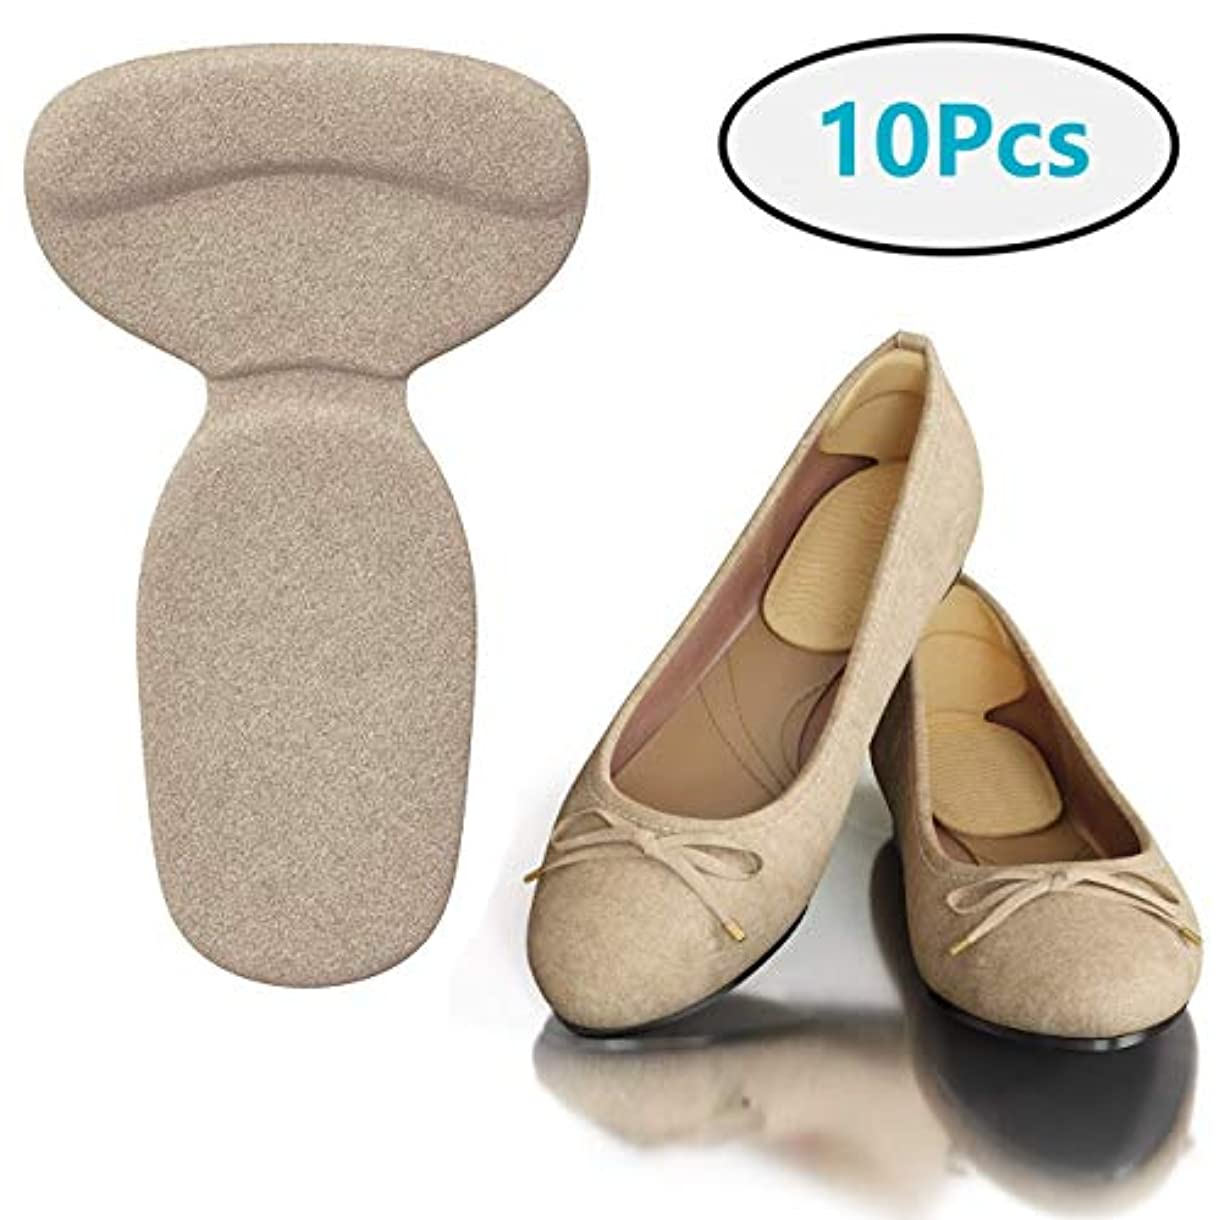 記憶ベル衣装大きすぎる靴のヒールグリップ-10靴インサートパッド-足の痛みの軽減、足底筋膜炎、骨の痛み、アキレスの痛みのためのジェルヒールカップ